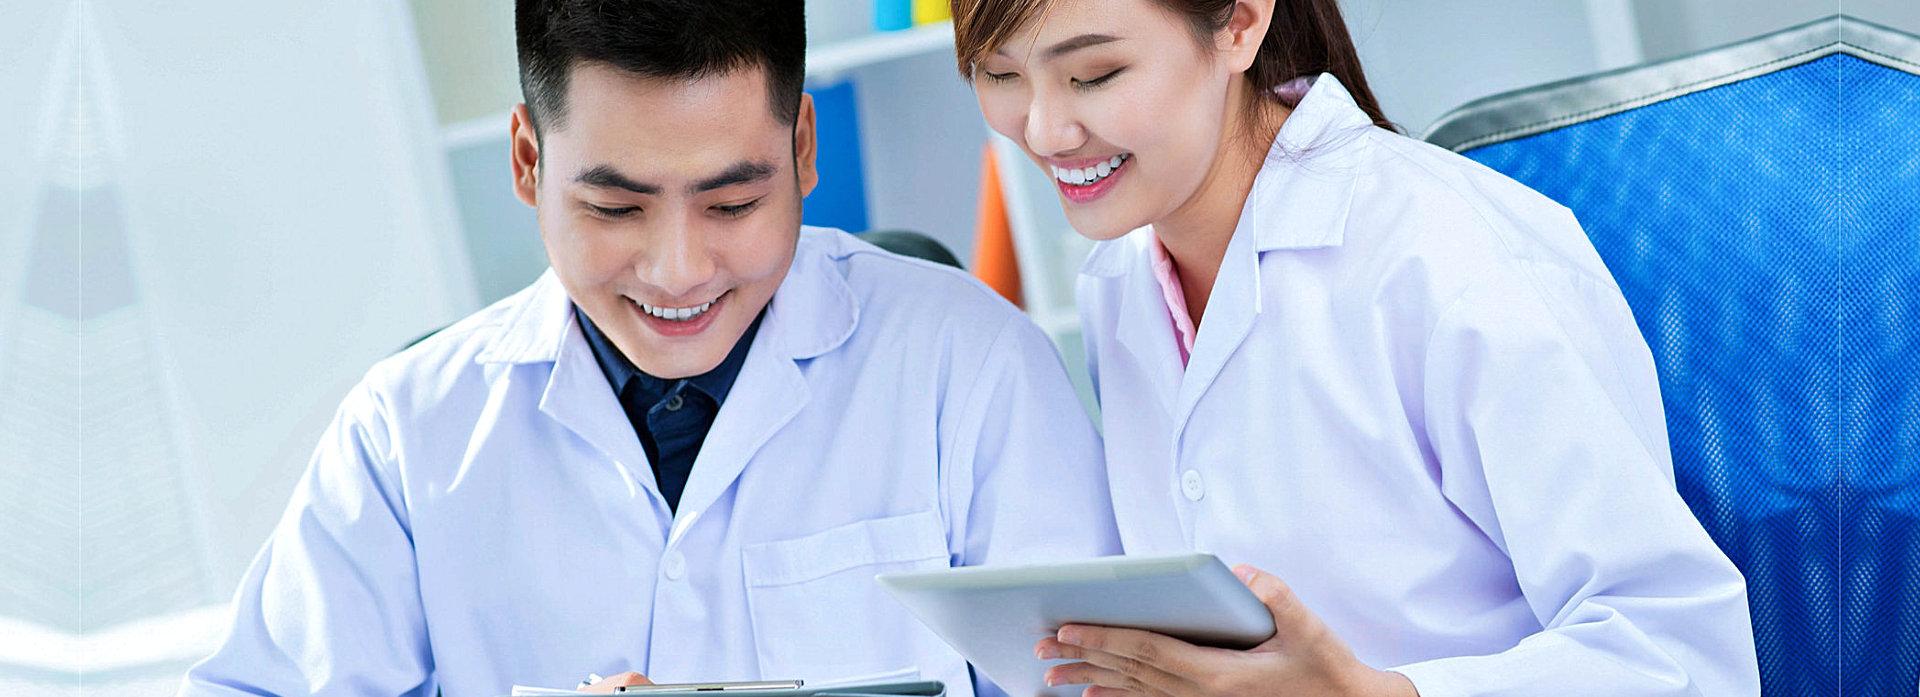 nurses smilng